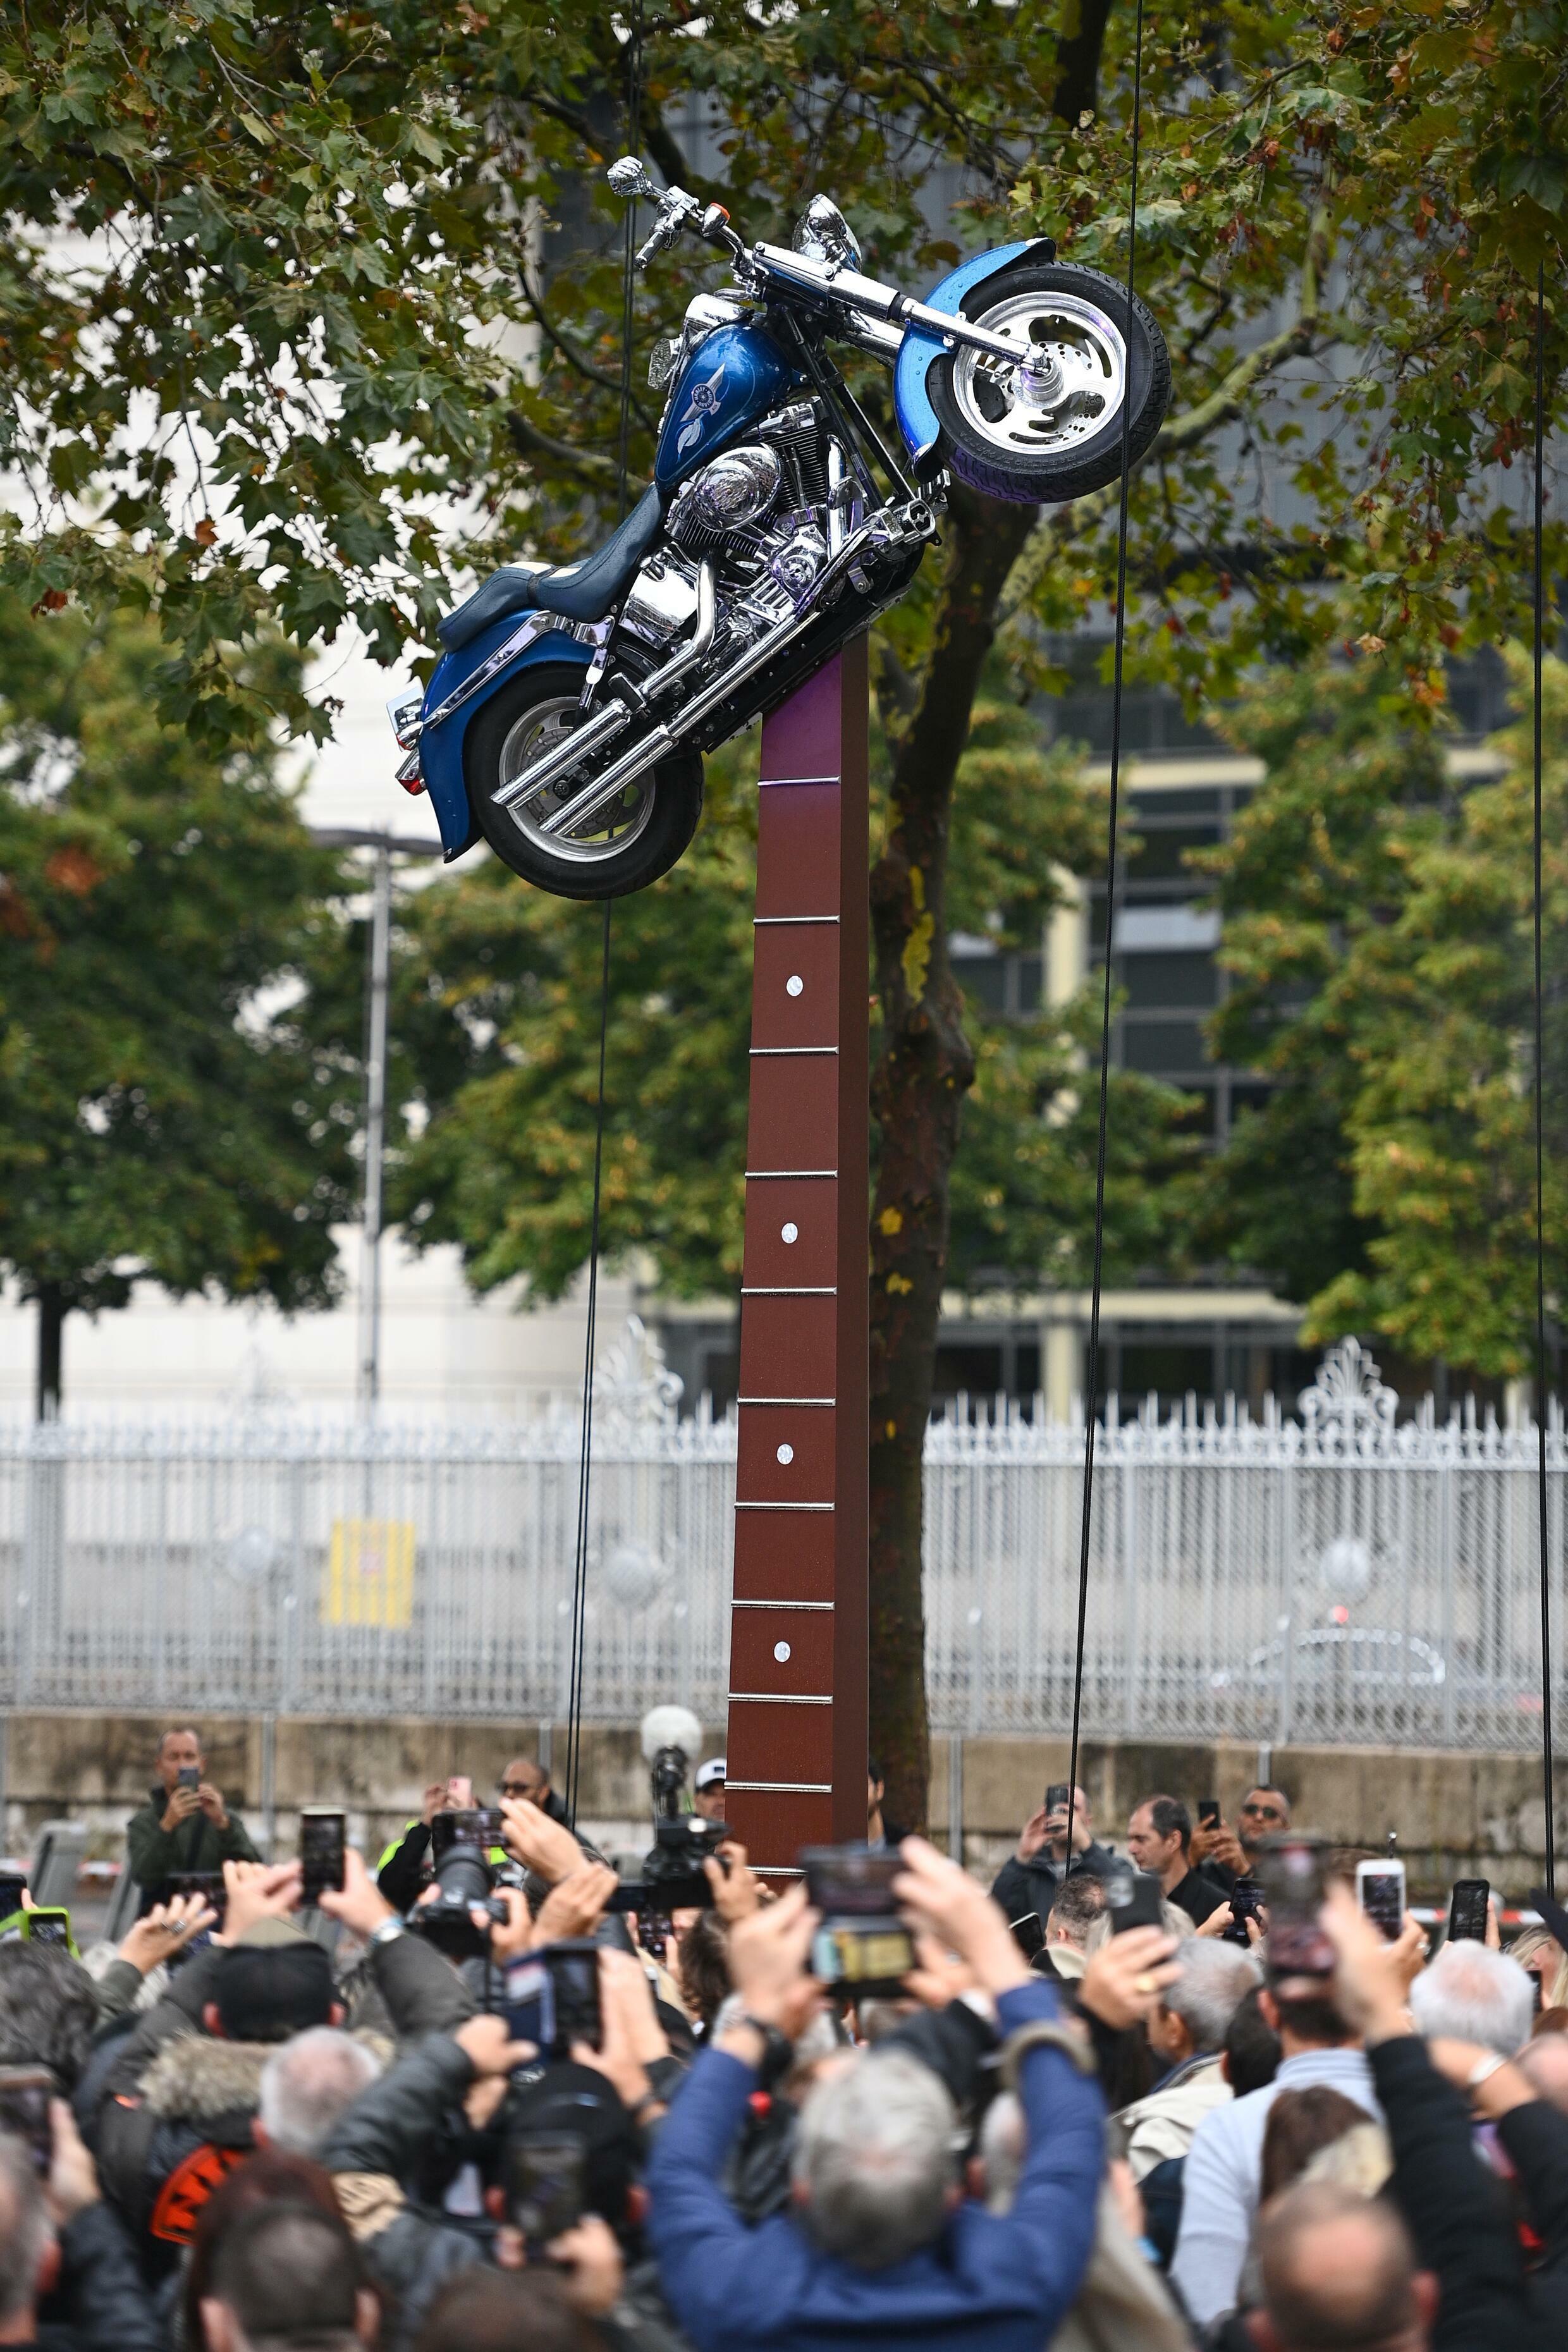 La nueva estatua presenta a la querida Harley Davidson de Hallyday posada en el extremo de una guitarra.